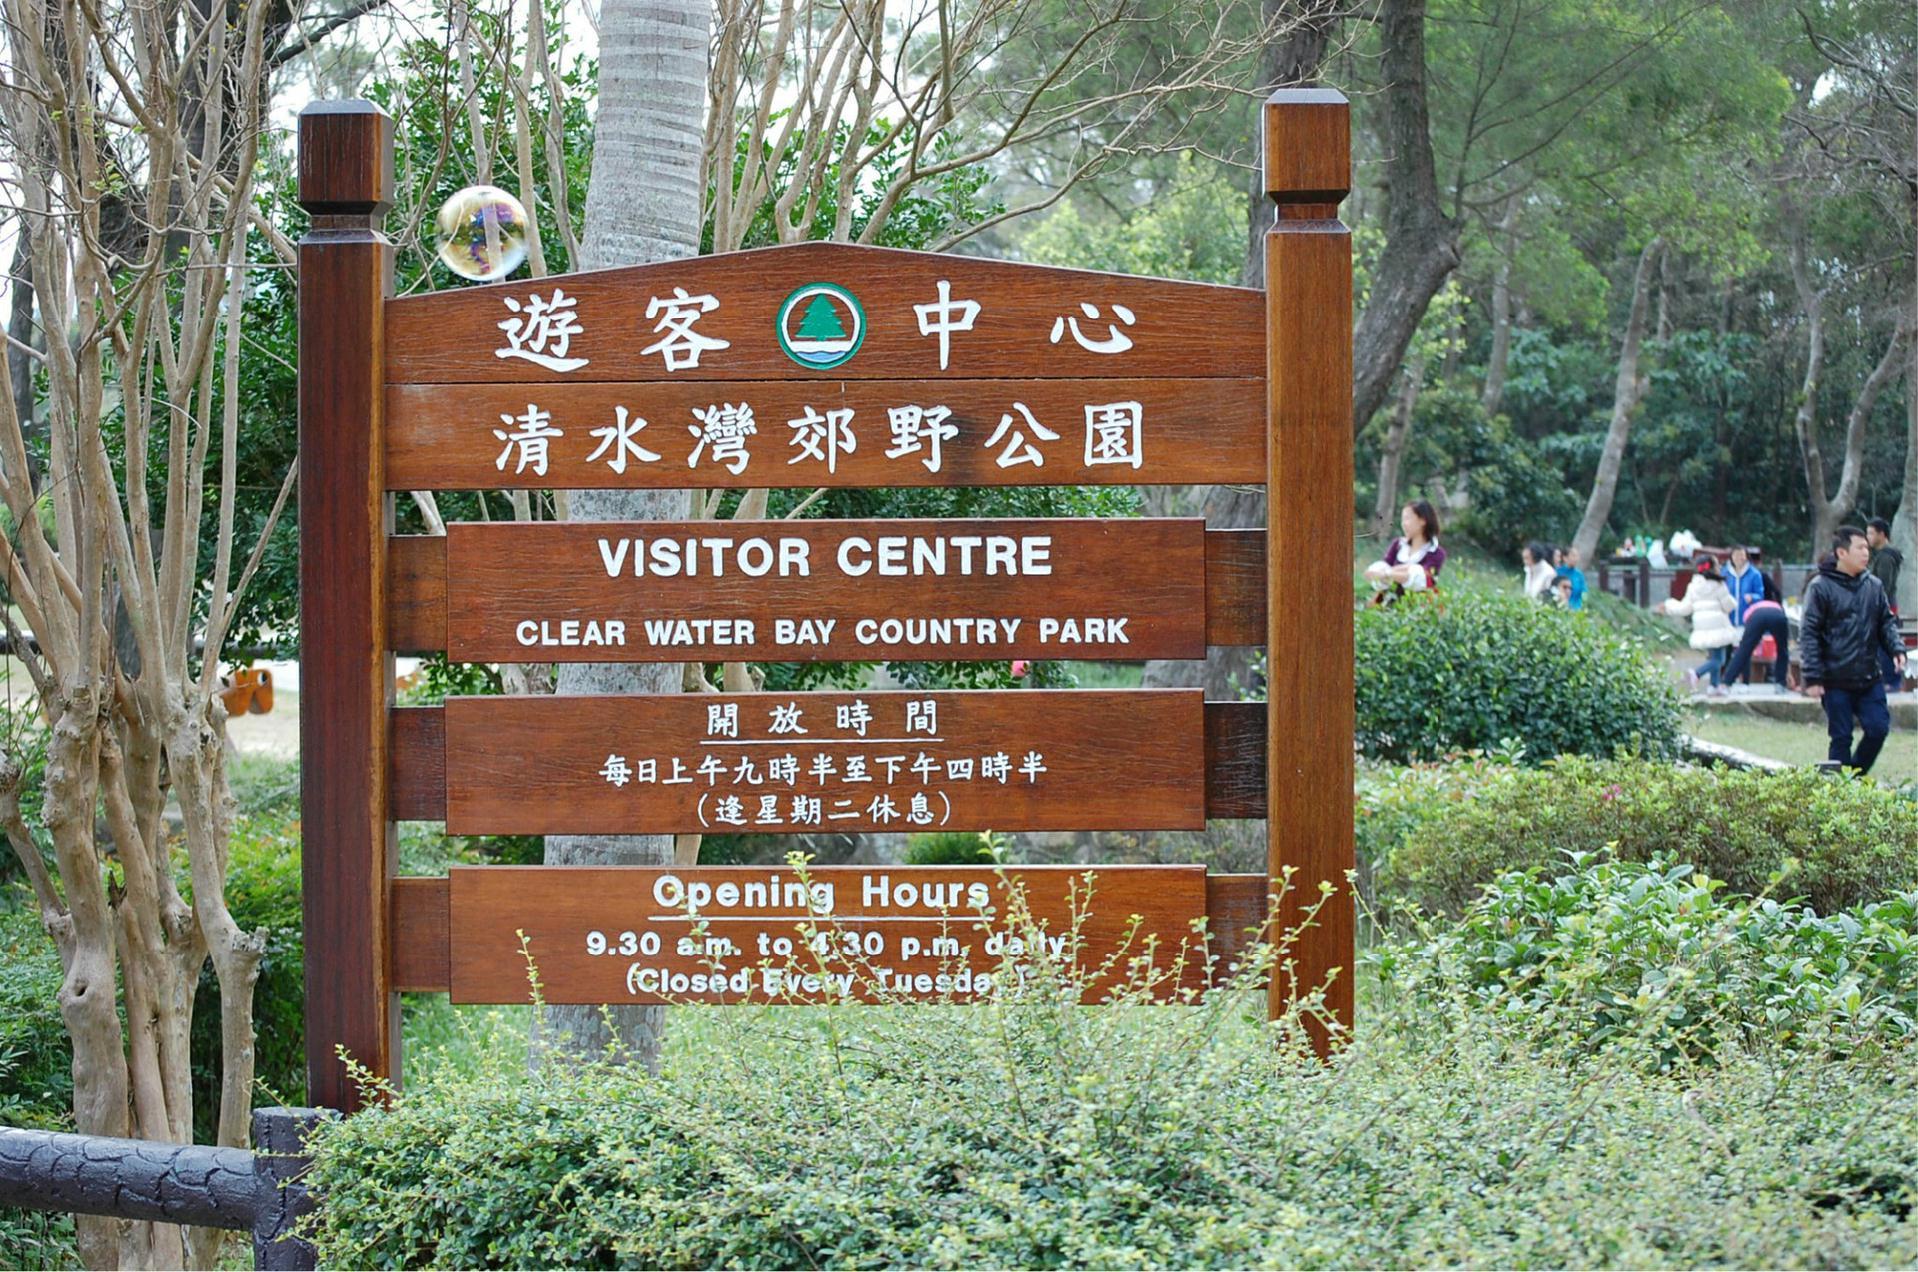 清水湾郊野公园